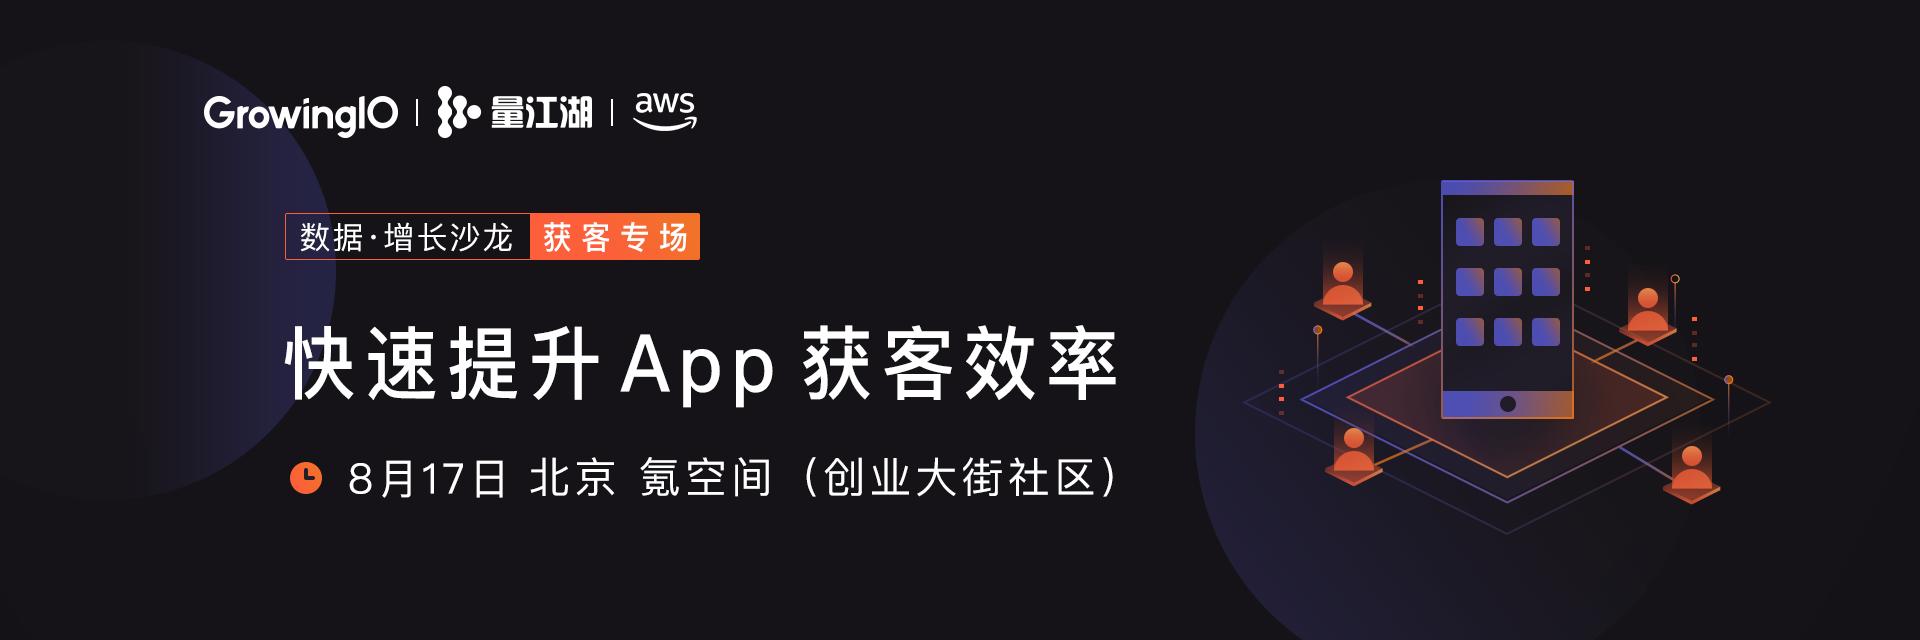 【数据·增长沙龙】获客专场 -- 快速提升App获客效率